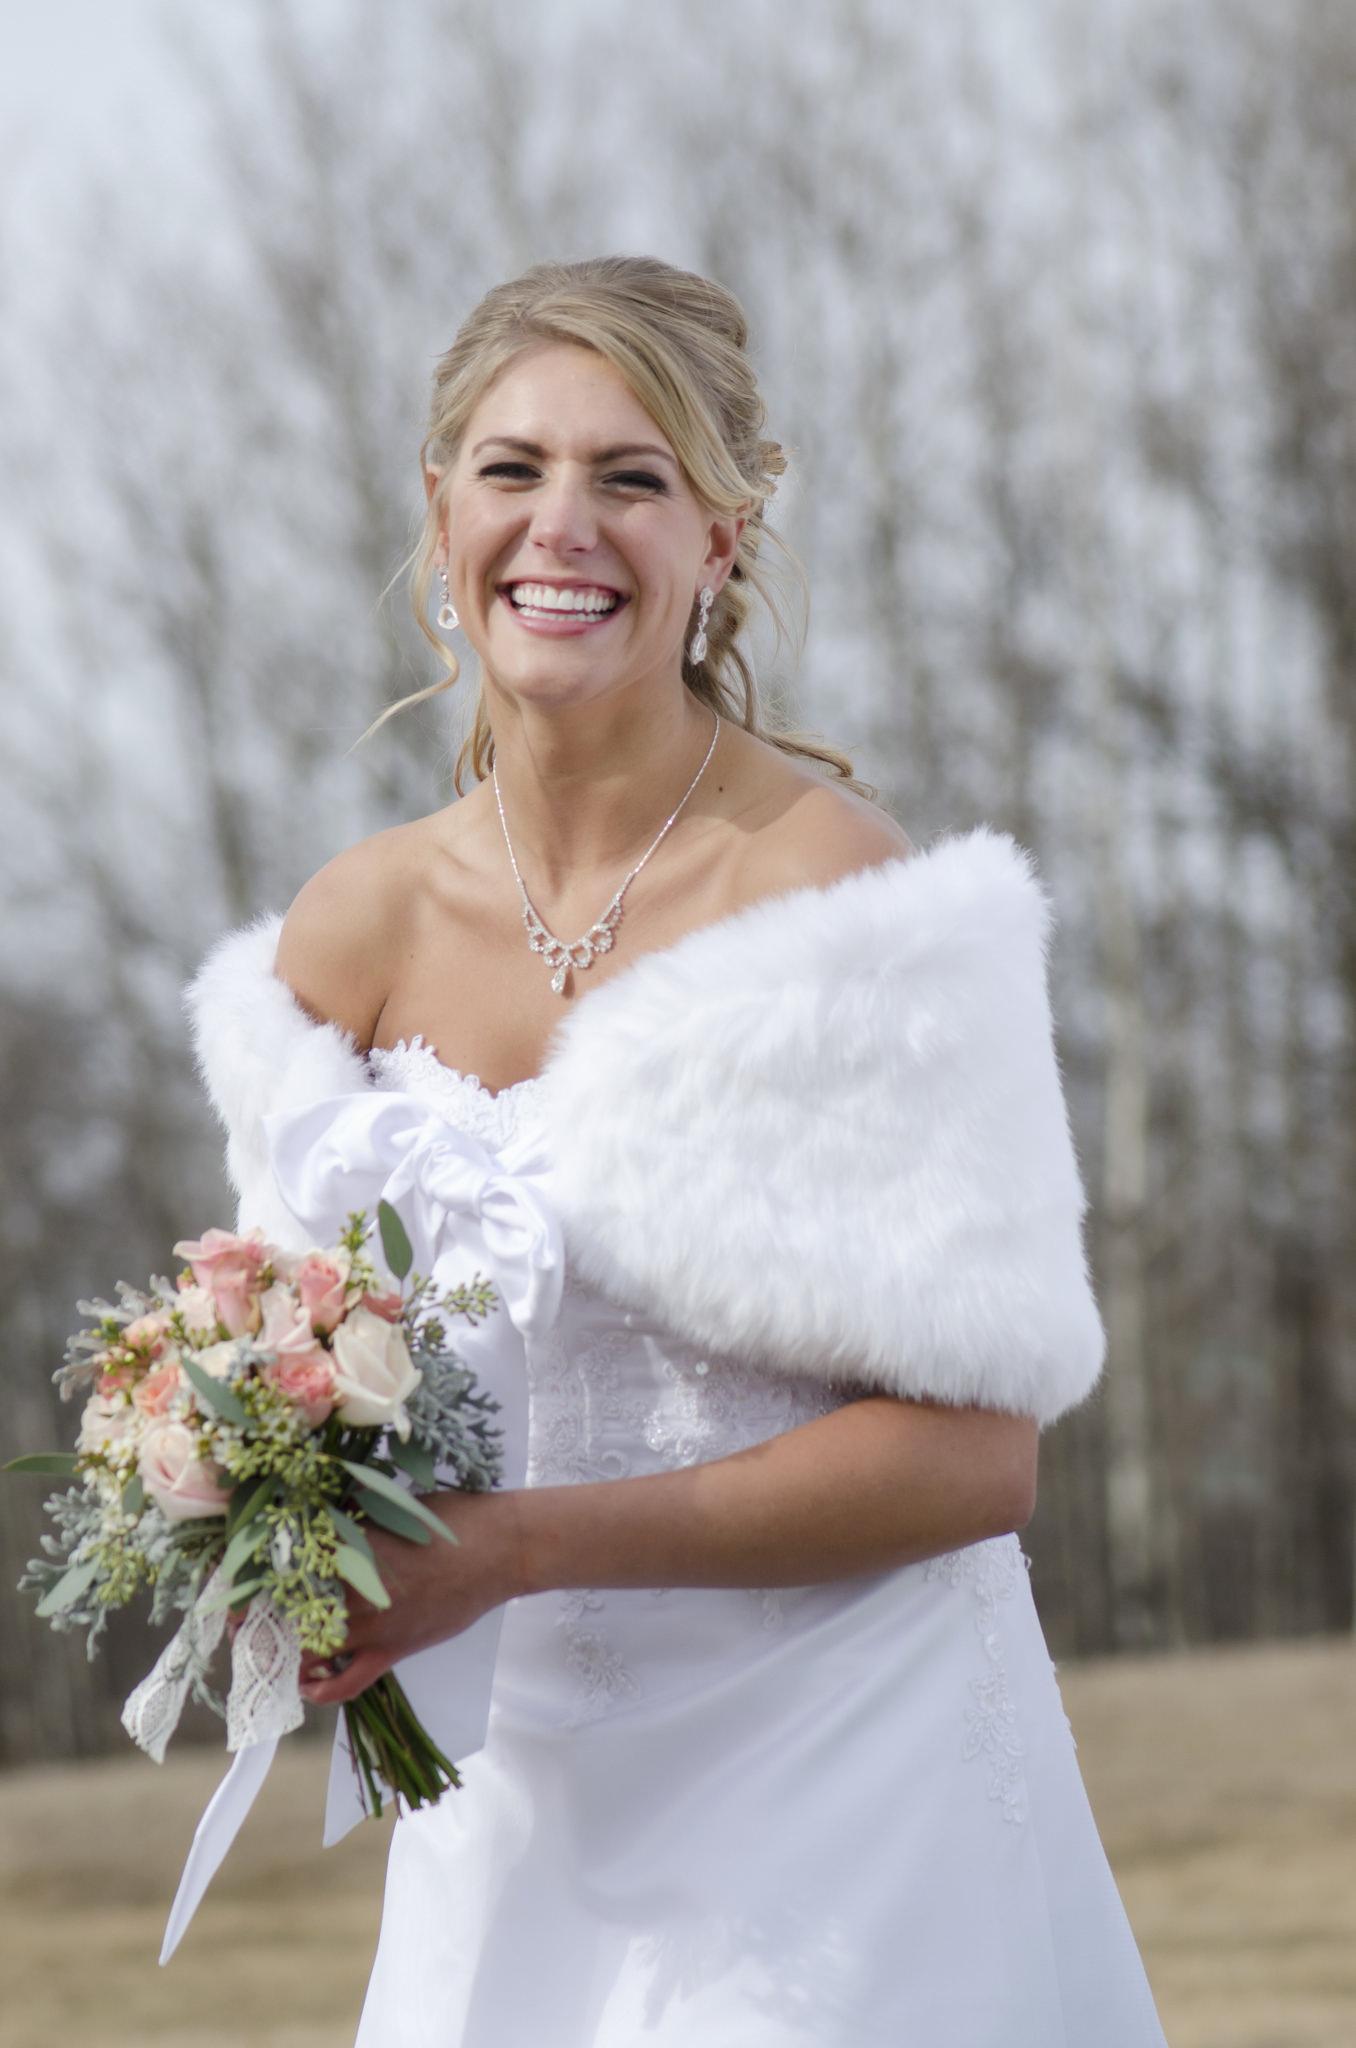 kristine_wedding_brides_spiritedtable_photo17.jpg